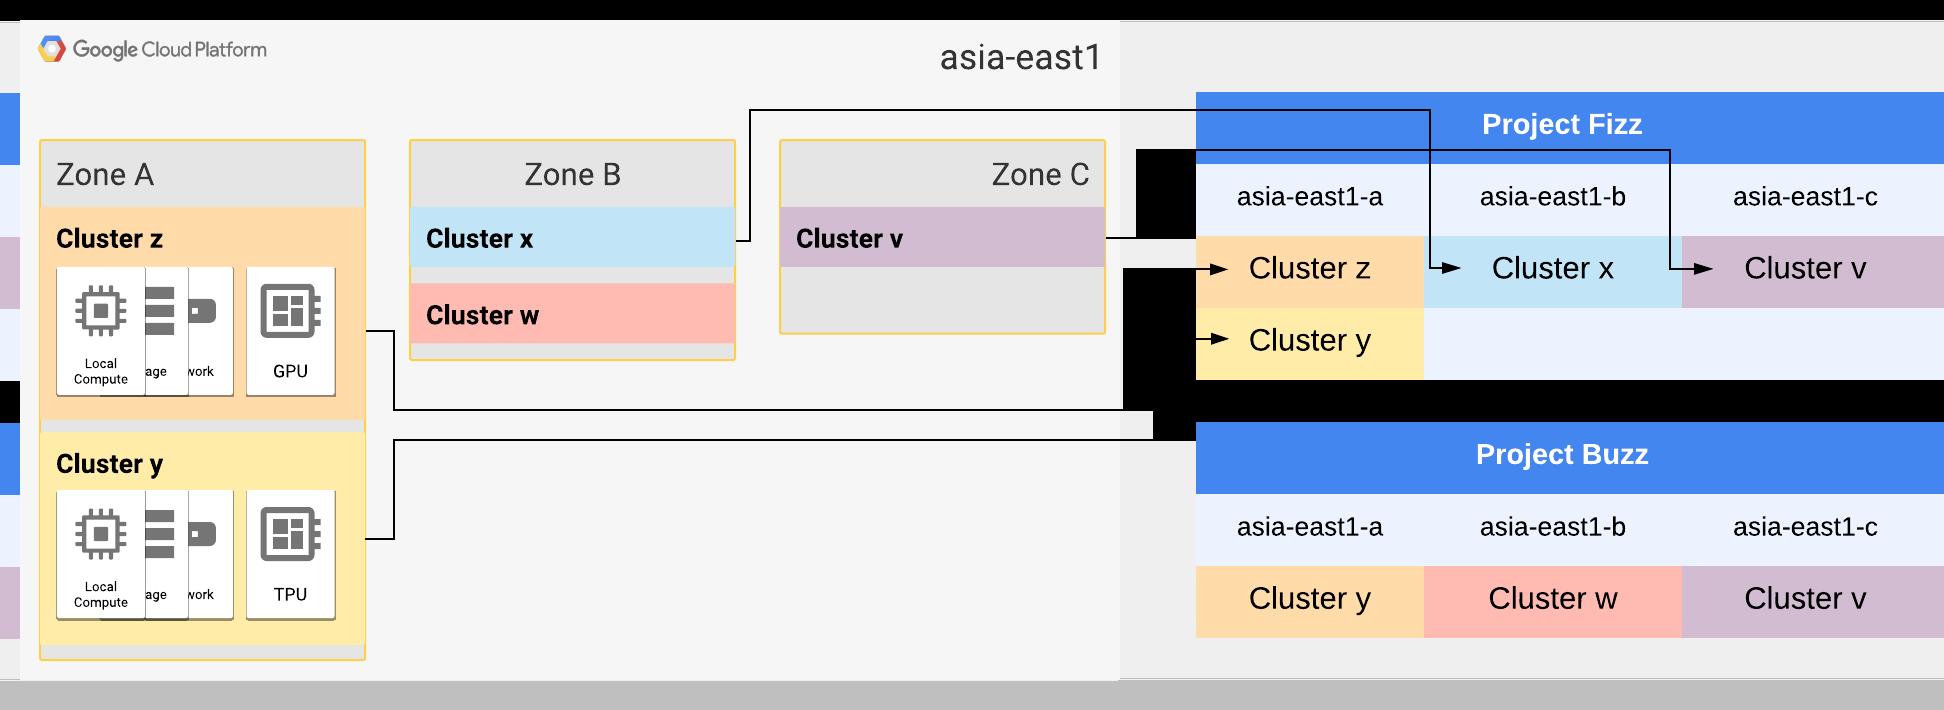 asia-east1 ゾーン A と B はそれぞれ 2 つのクラスタに拡張されています。